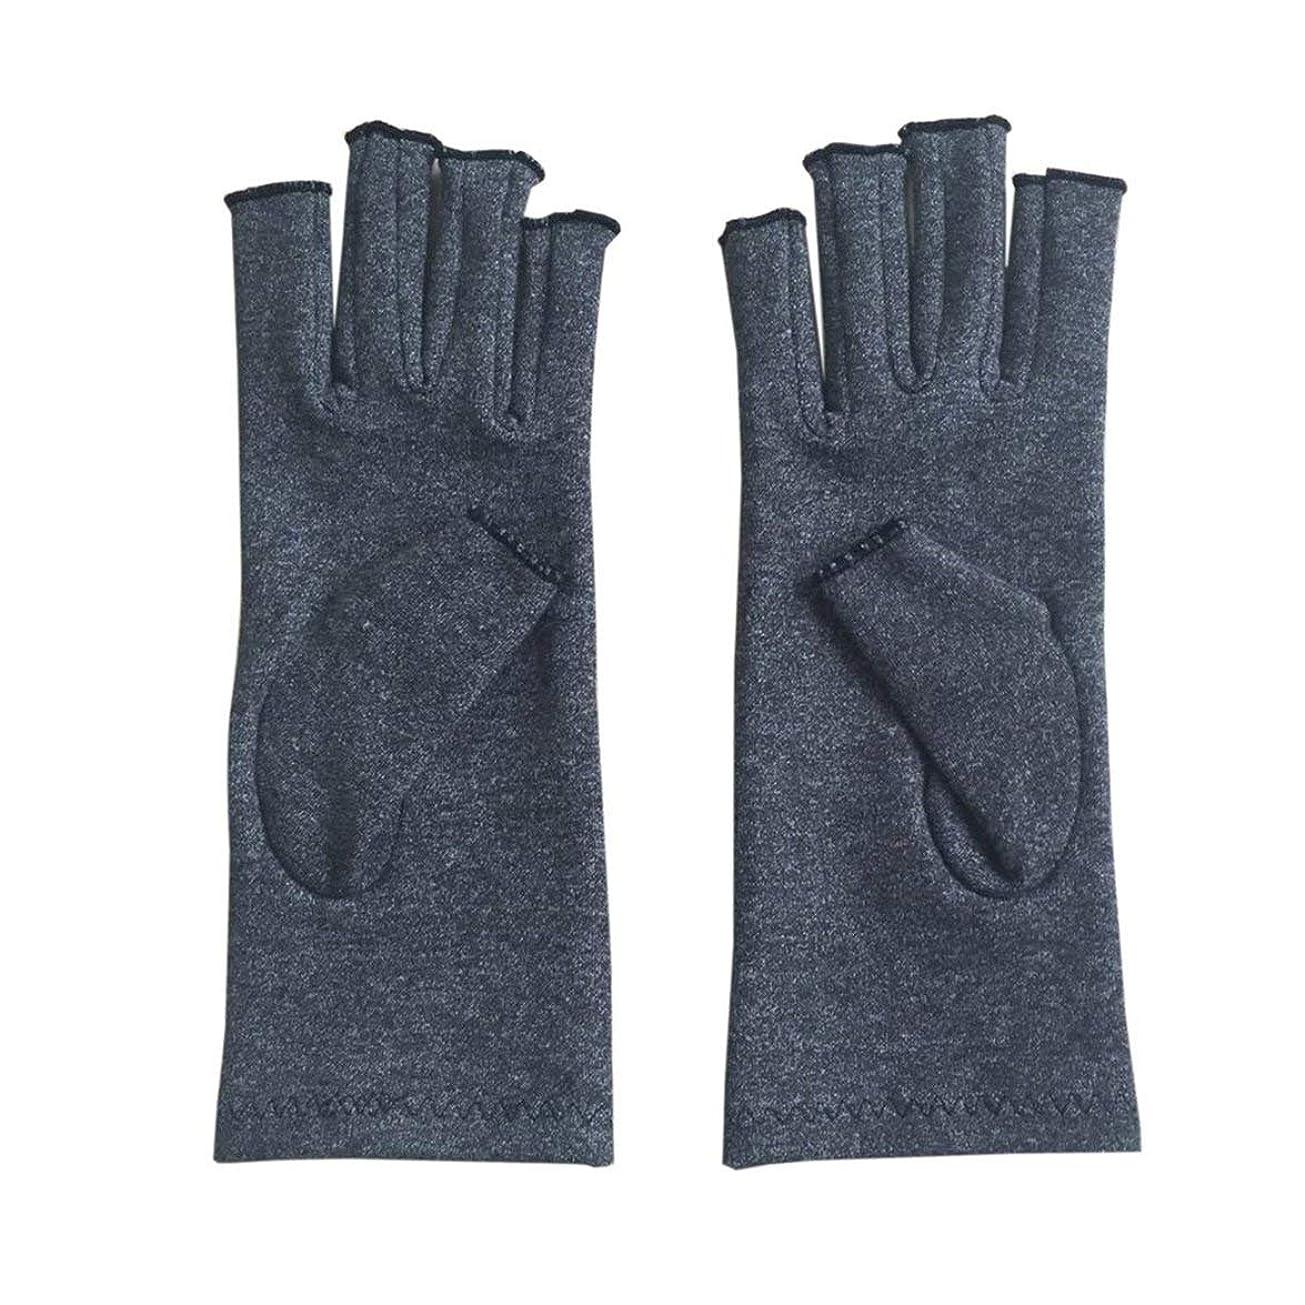 Aペア/セット快適な男性用女性療法圧縮手袋無地通気性関節炎関節痛緩和手袋 - グレー